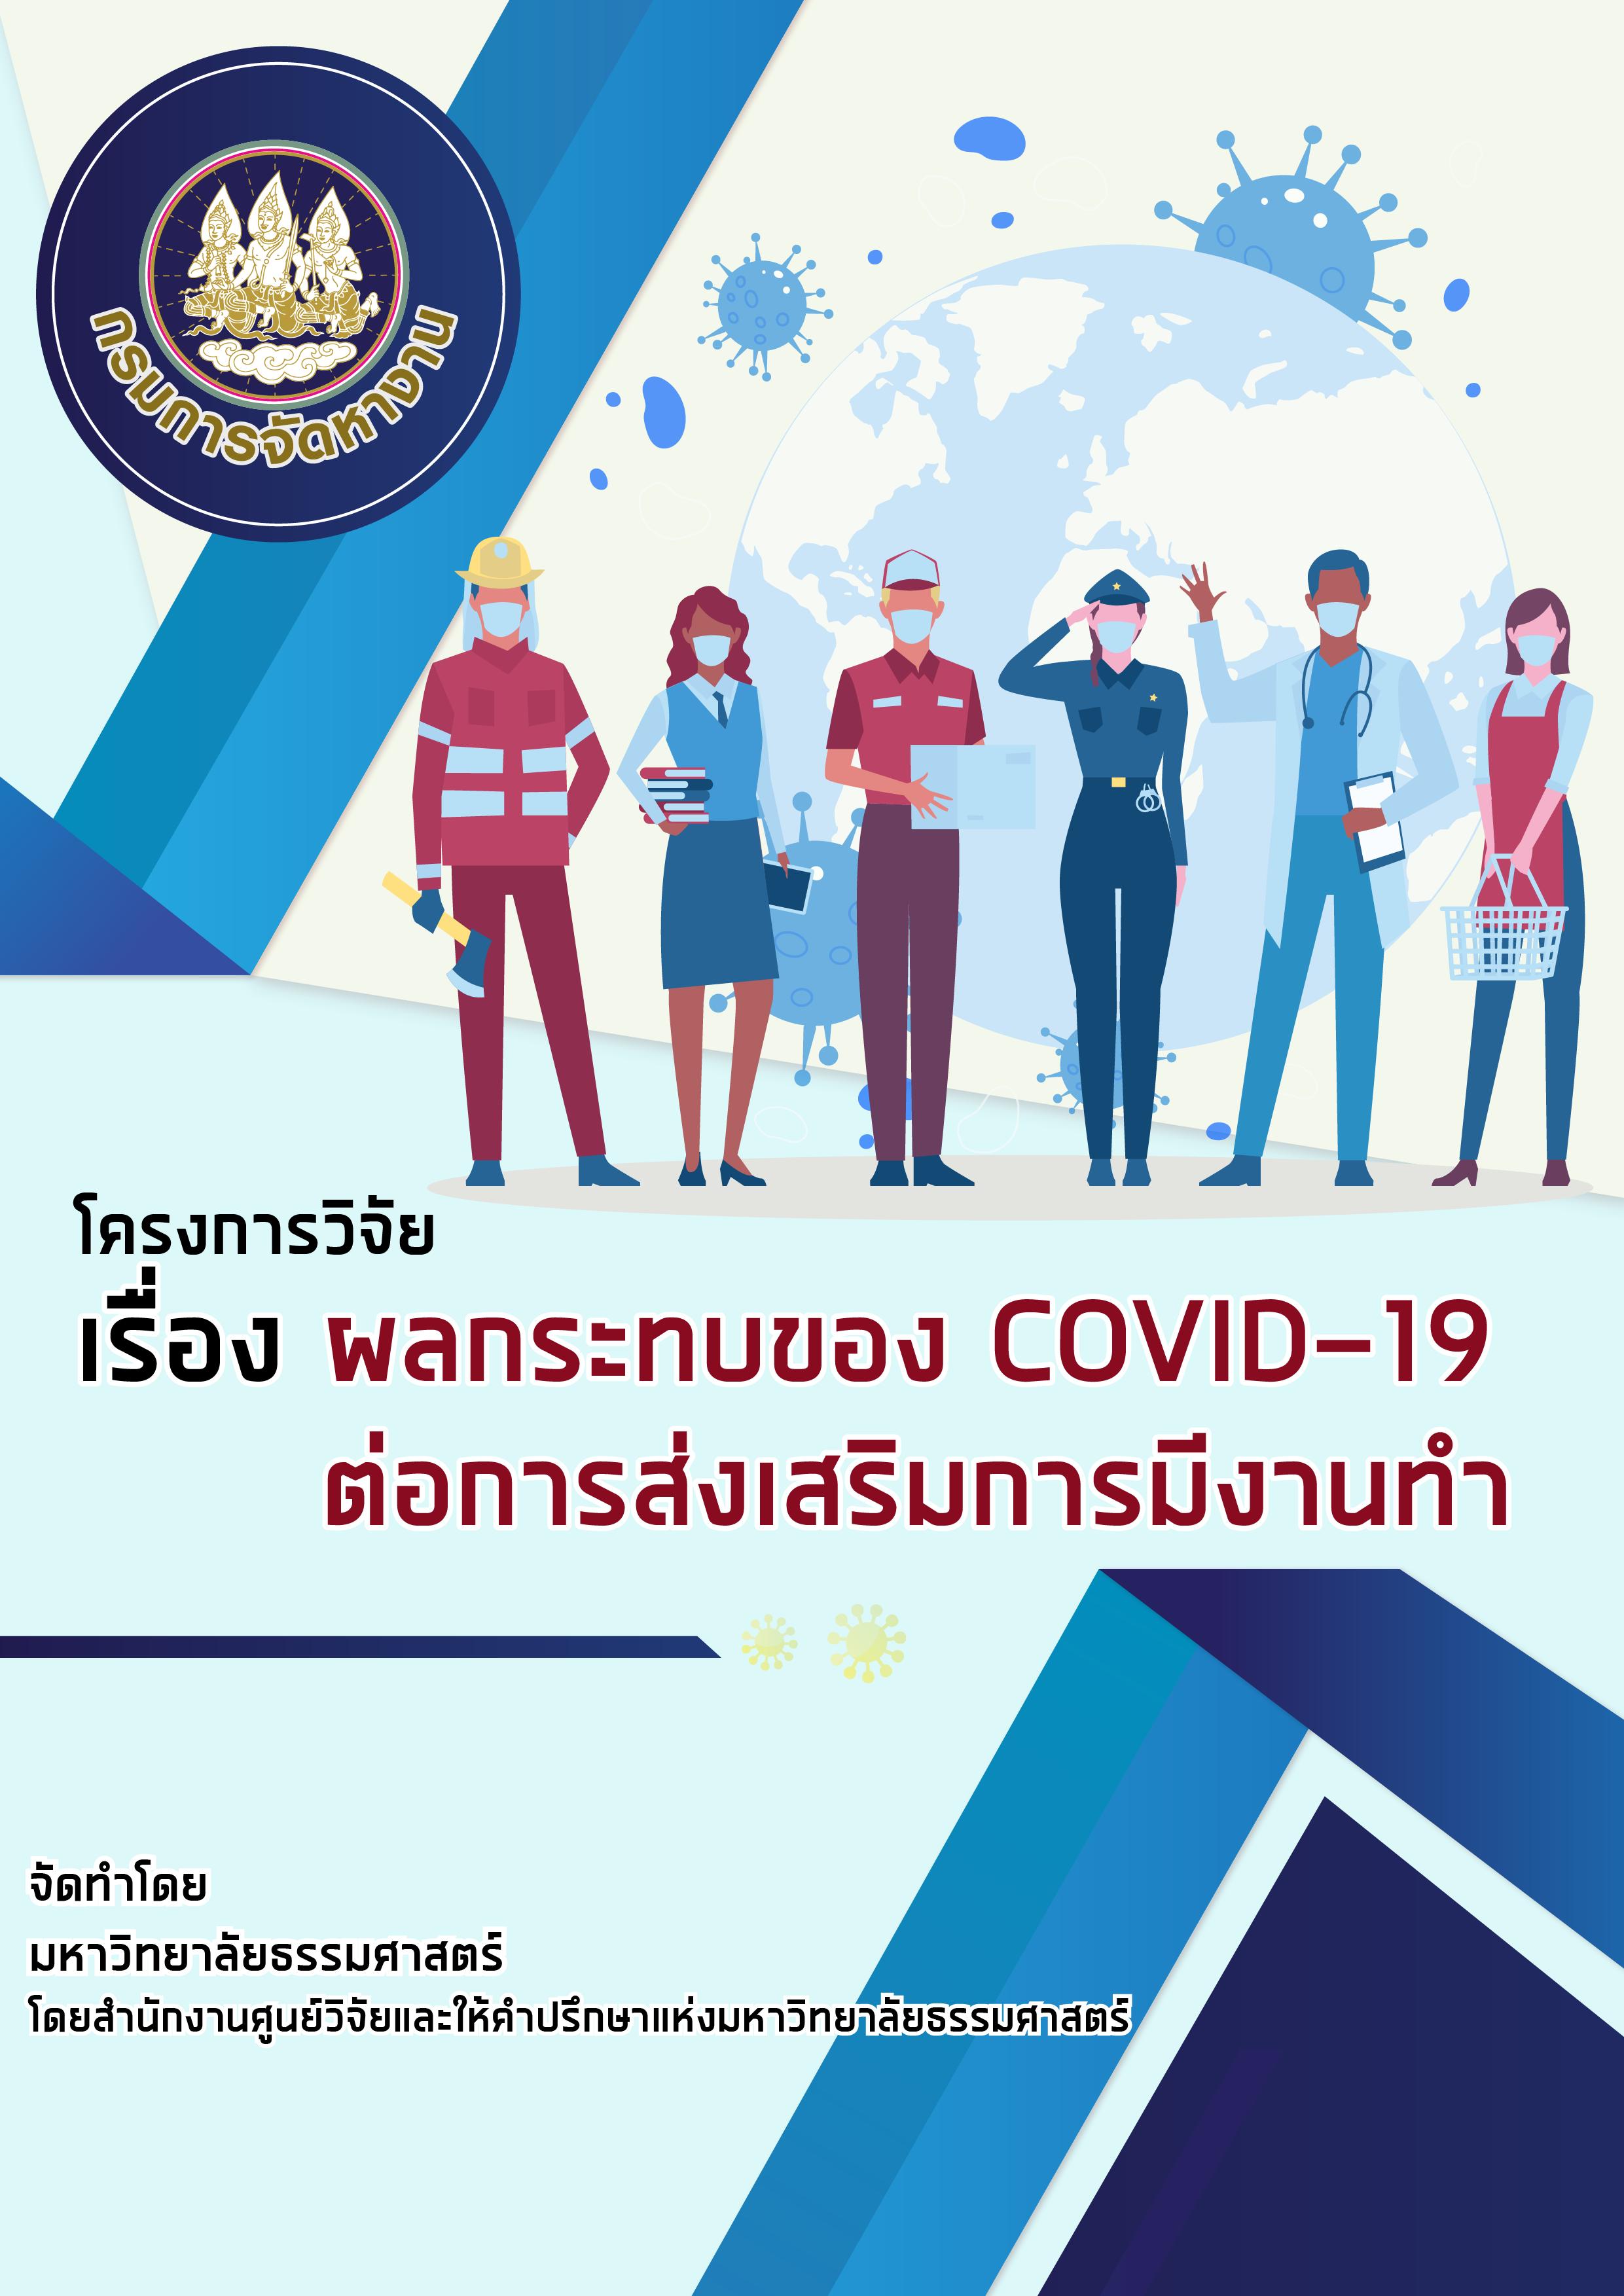 โครงการวิจัย เรื่อง ผลกระทบของ COVID-19 ต่อการส่งเสริมการมีงานทำ